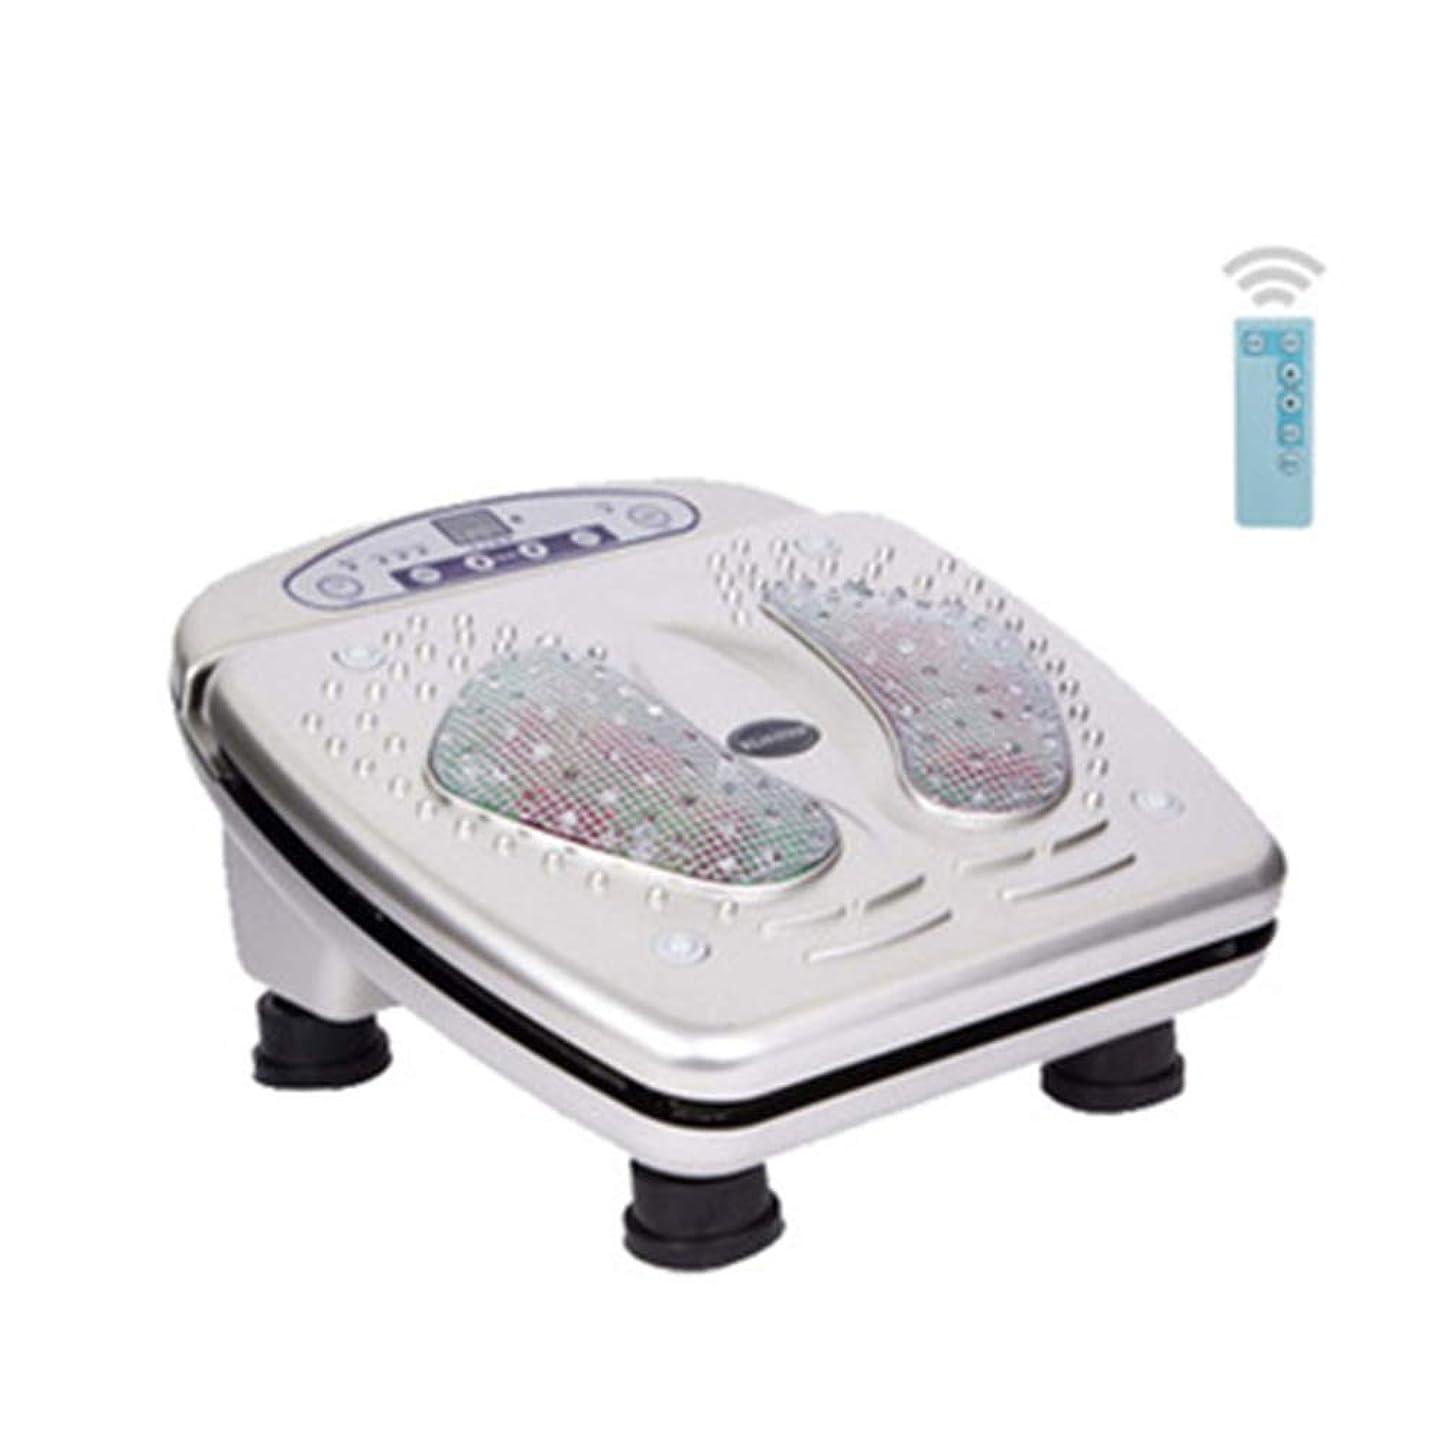 肯定的サバント会員足底筋膜炎および足の痛みを軽減するための熱、調節可能な強度を備えた電気指圧フットマッサージャー - 家庭用およびオフィス用 -